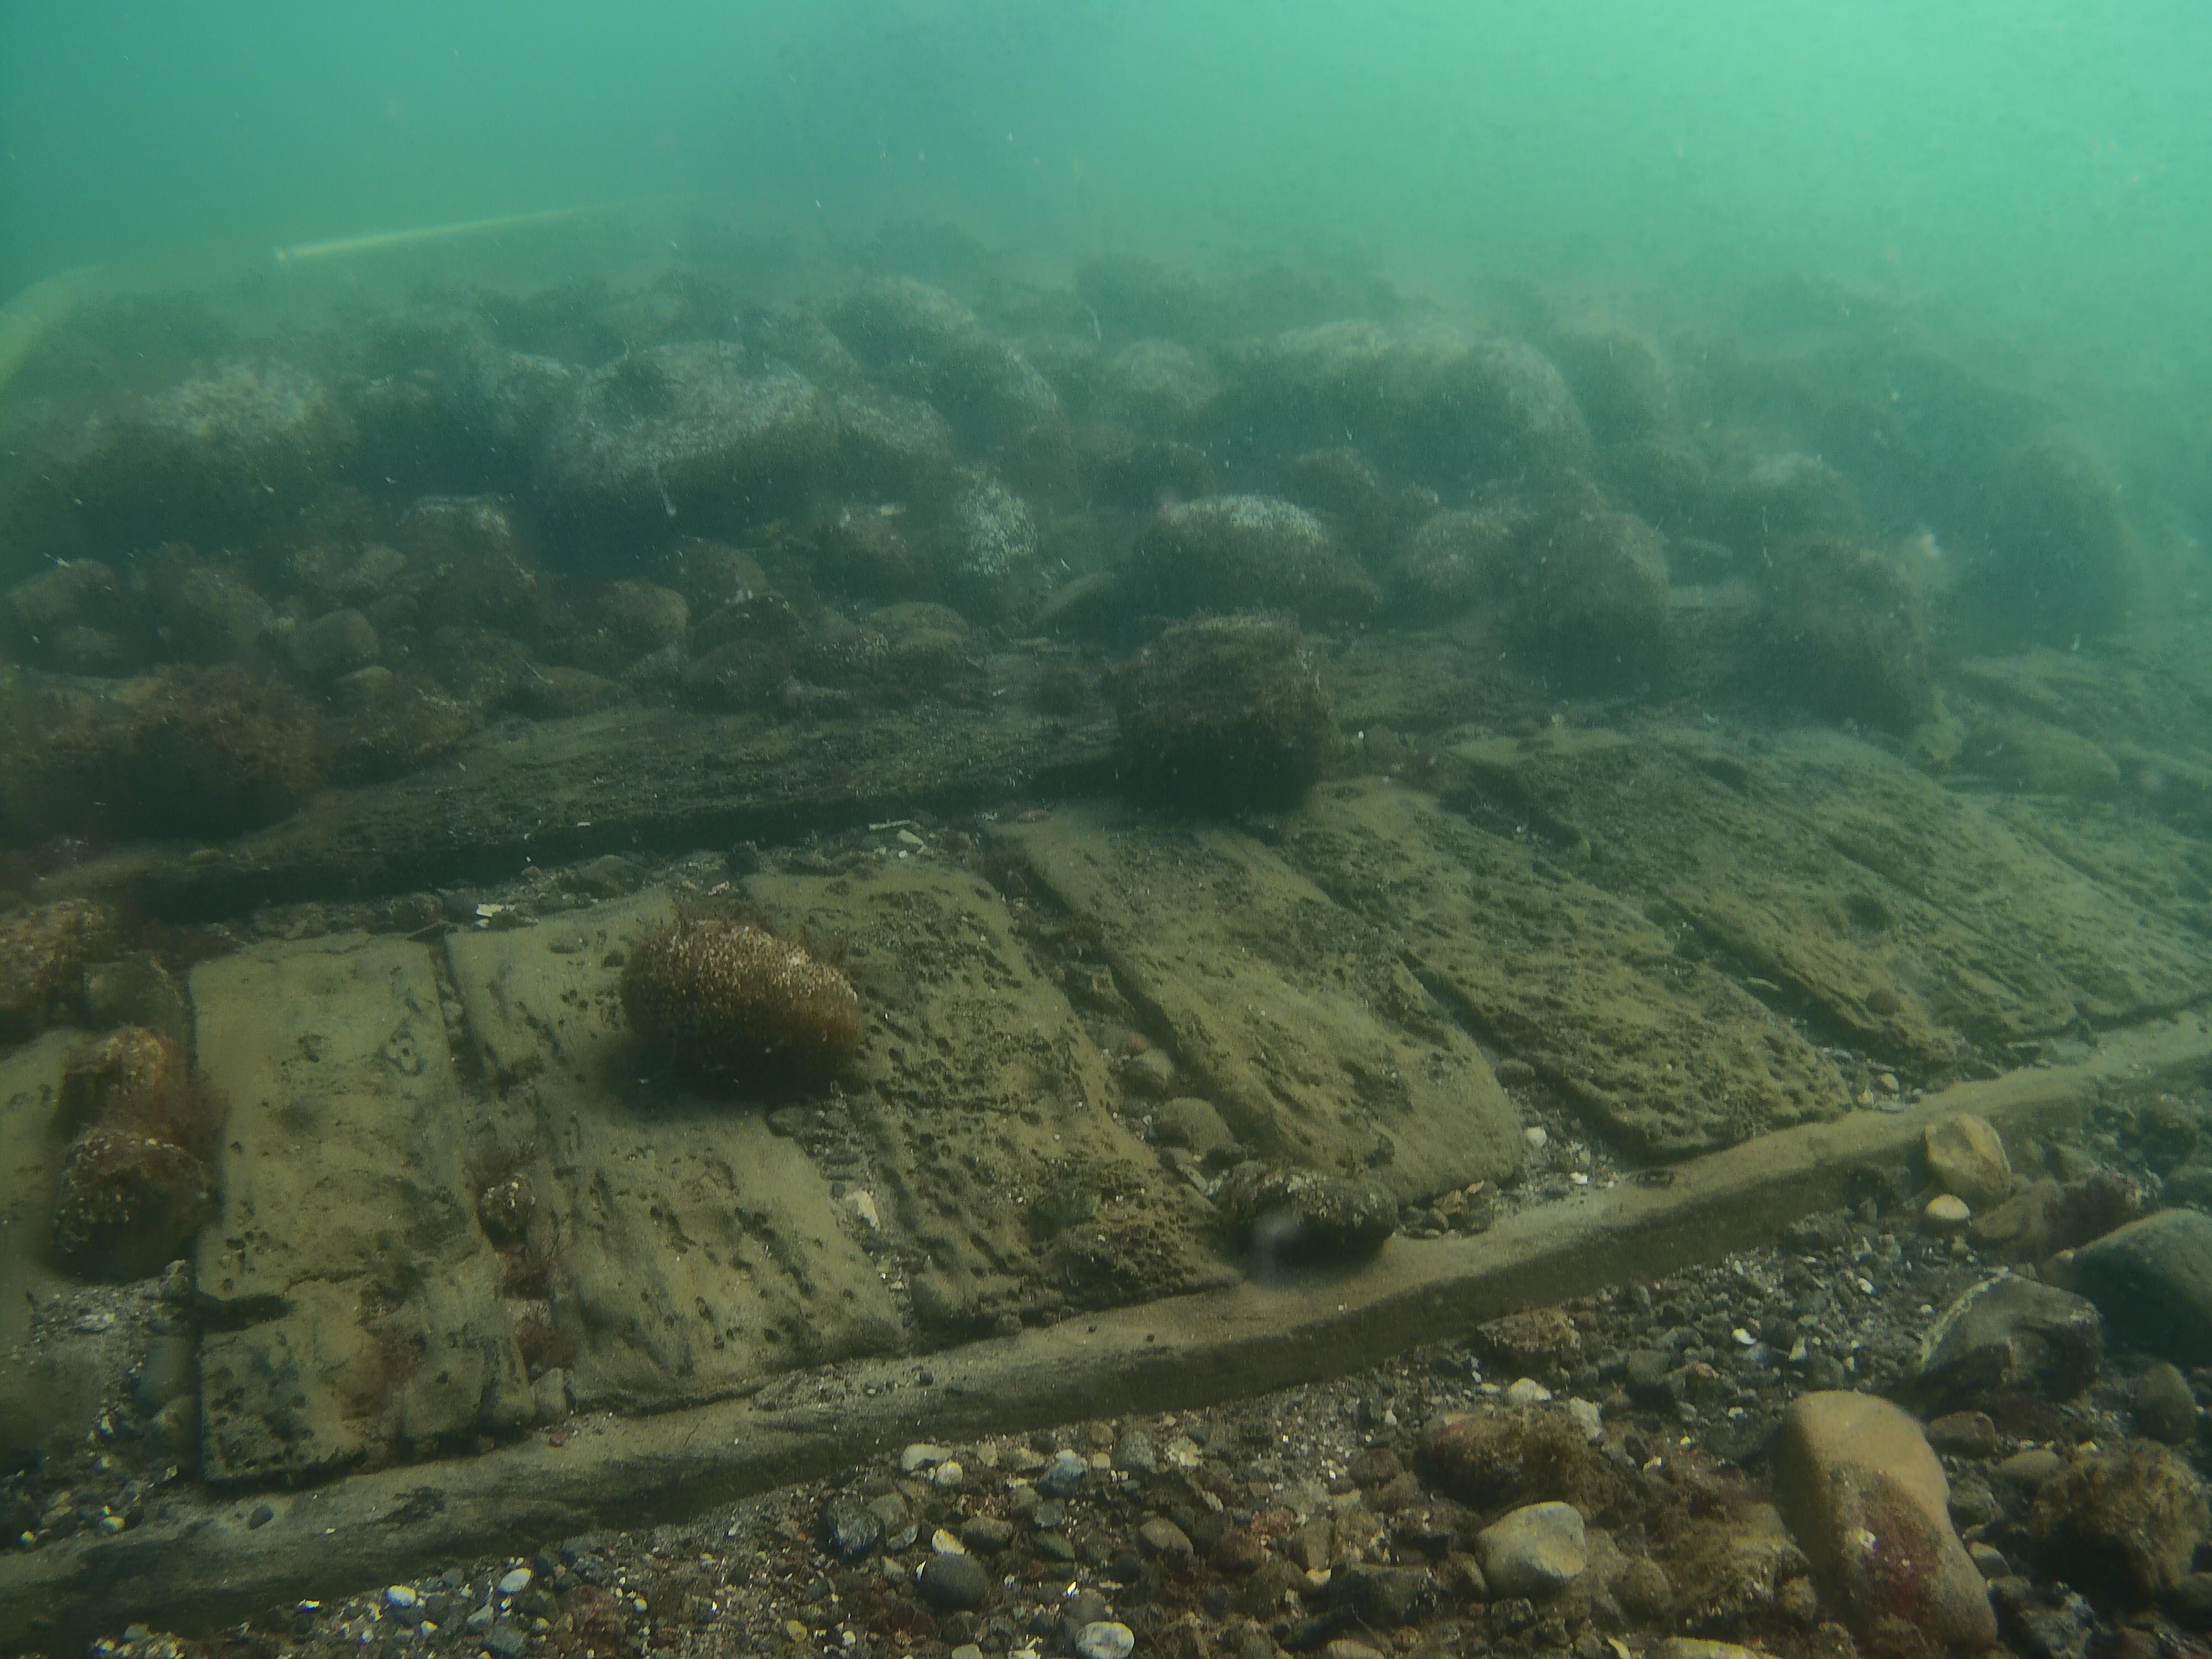 O naufrágio que arqueólogos marinhos do Museu do Navio Viking estão investigando está localizado a apenas 3,5 metros de profundidade na costa sul da ilha dinamarquesa de Lolland. (Foto: Museu do Navio Viking em Roskilde)